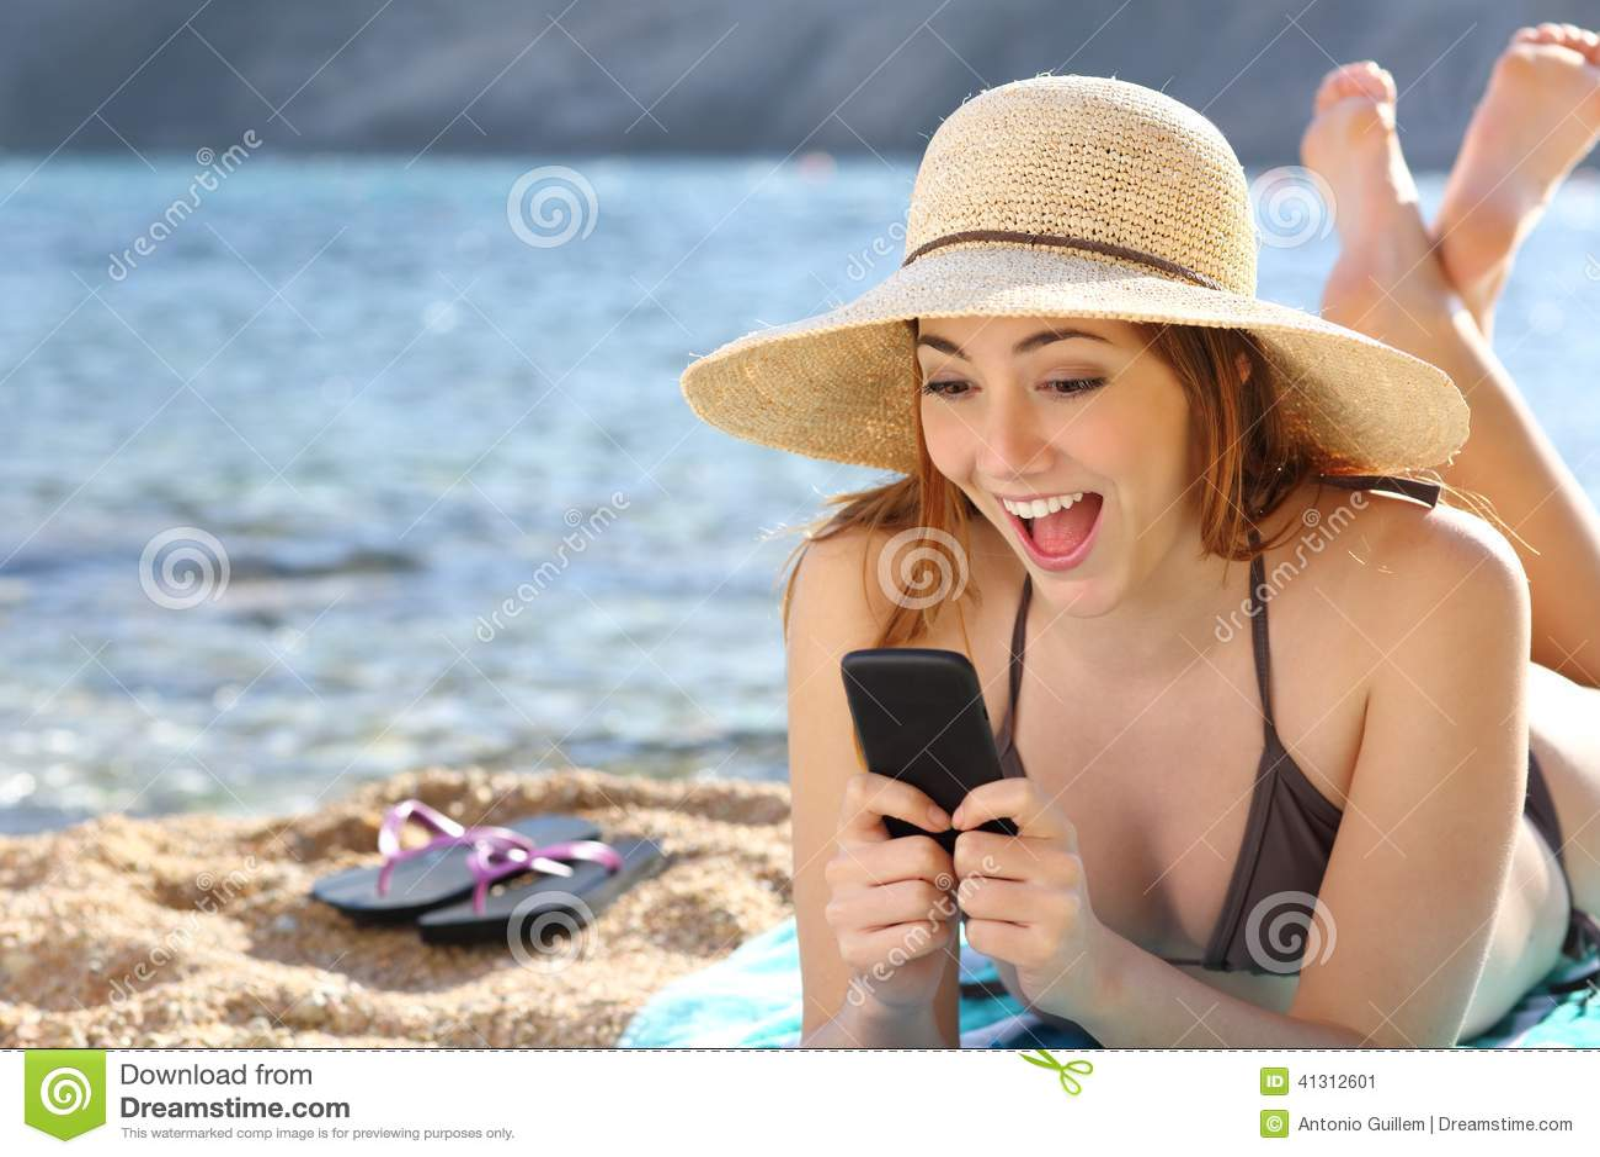 Telefones De Mulheres Solteiras Em Scottsdale-2653